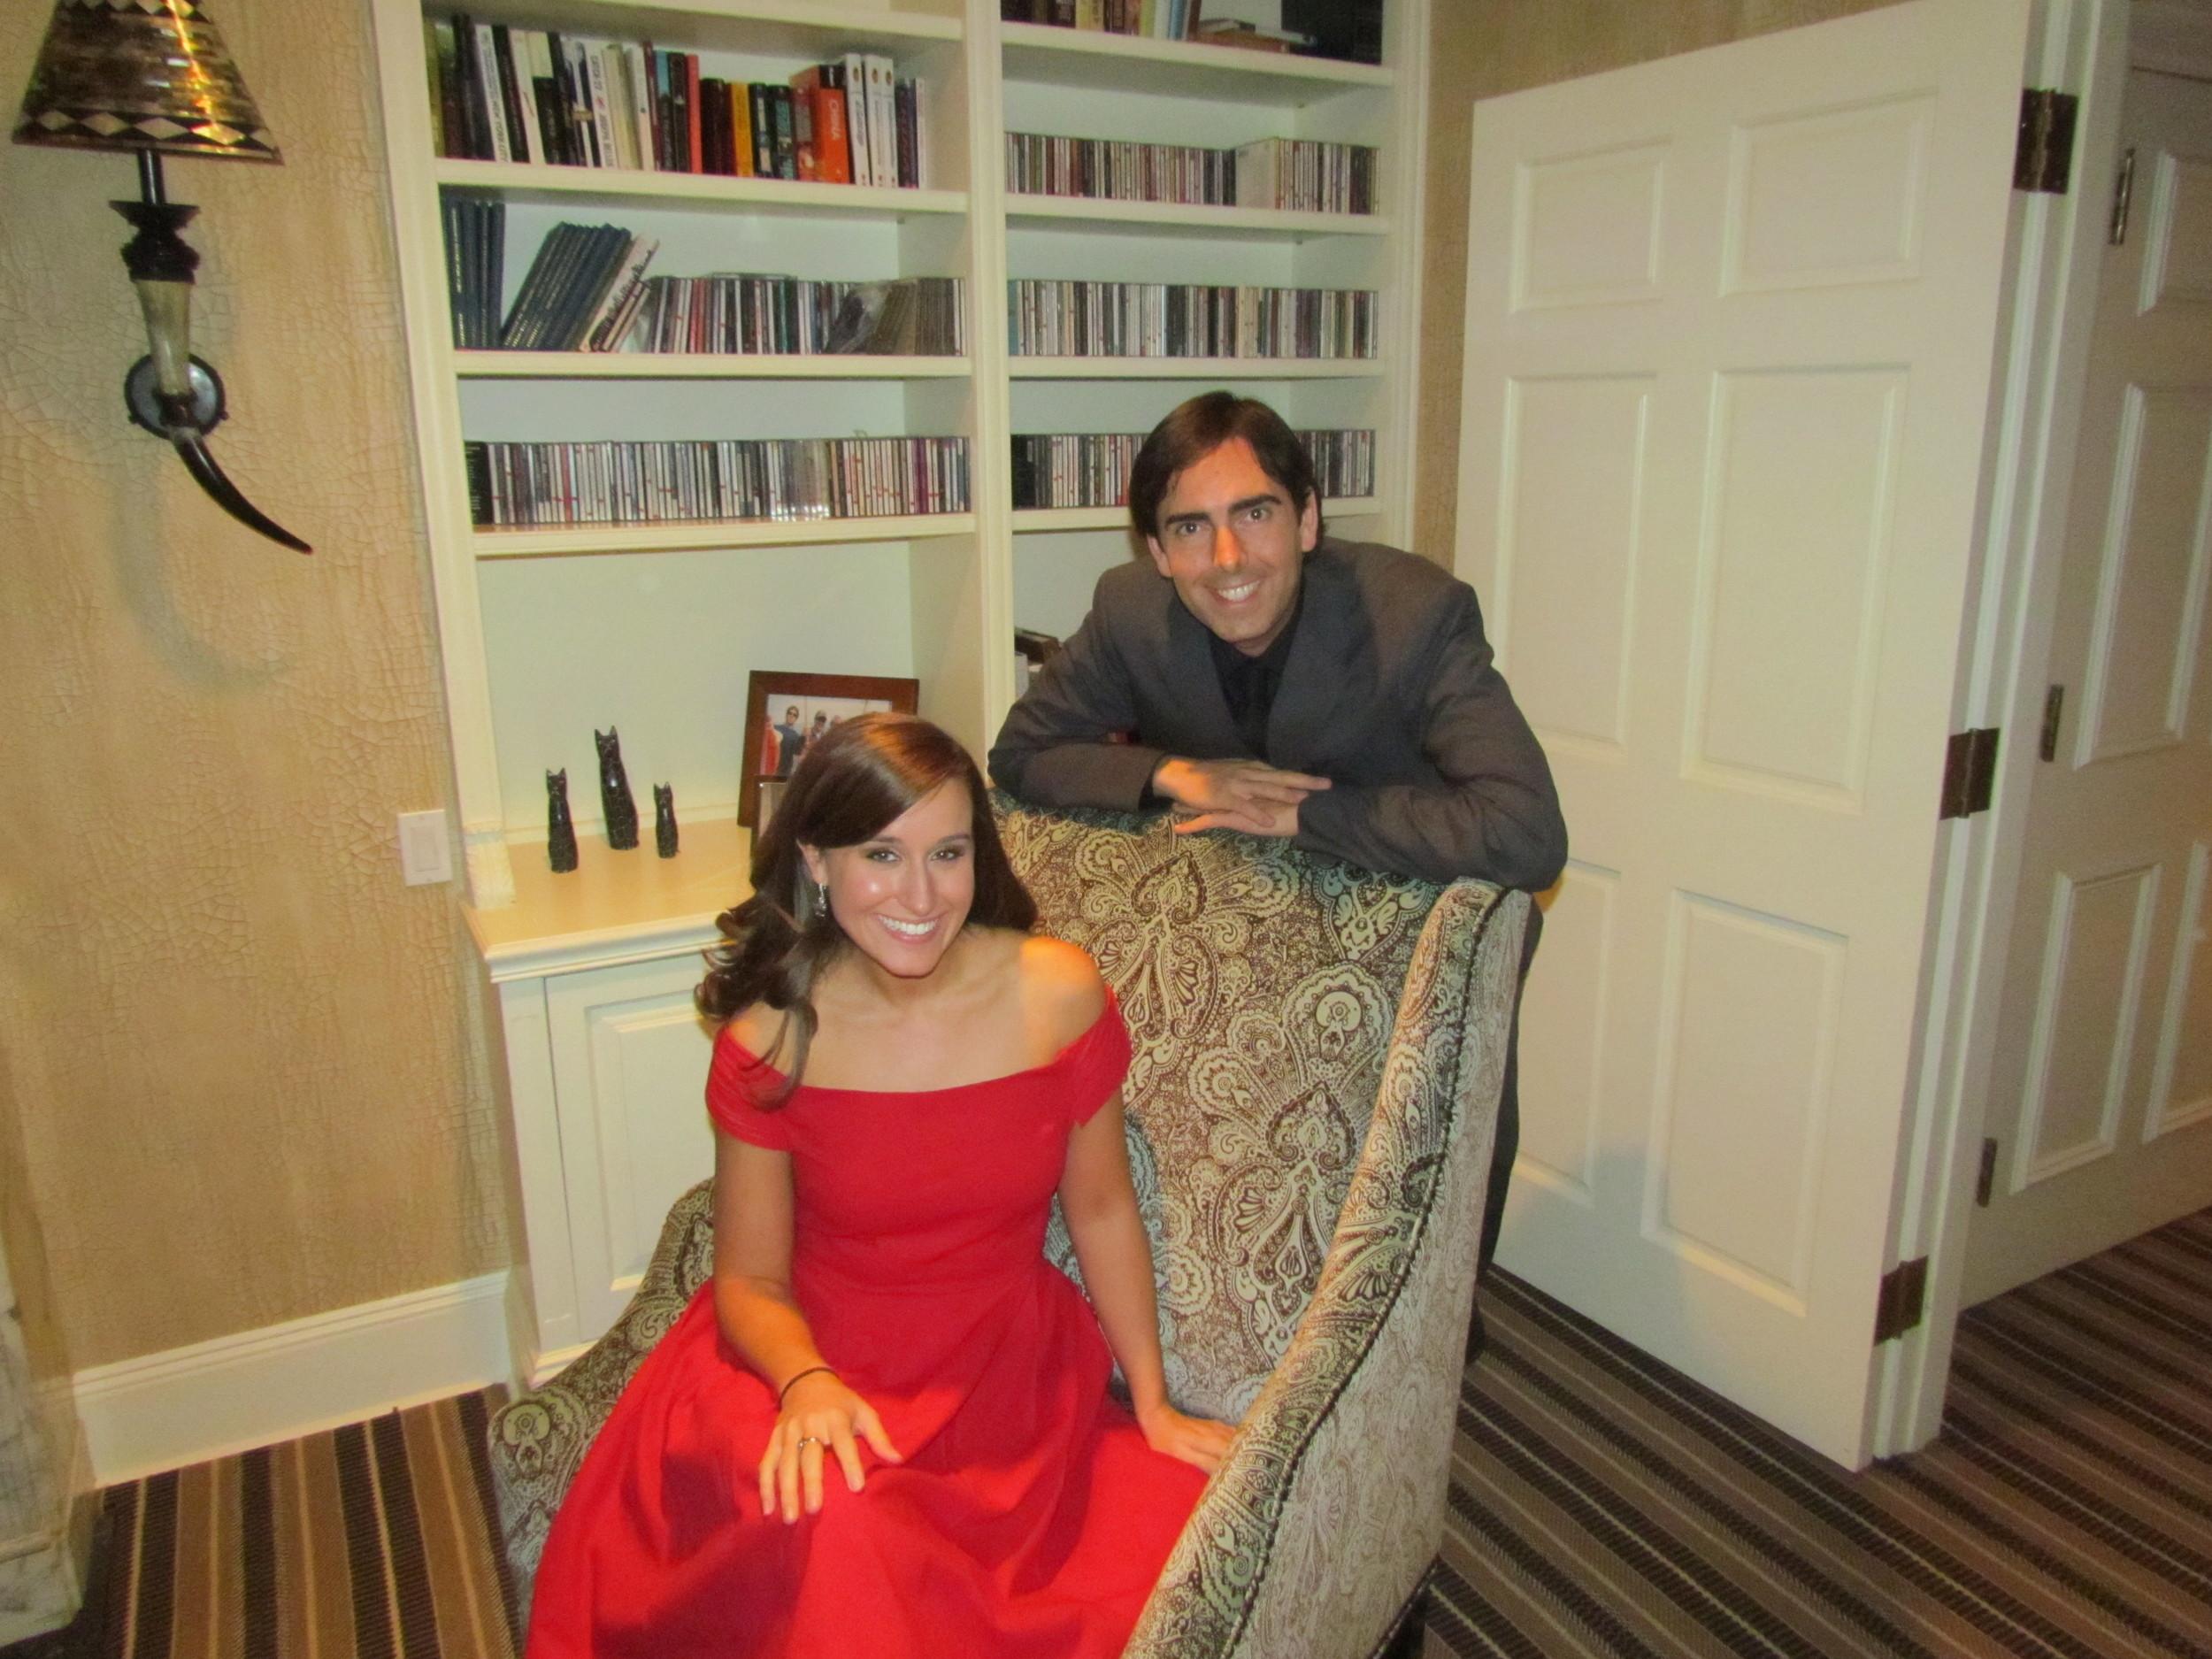 Lauren and her accompanist Shane Schag